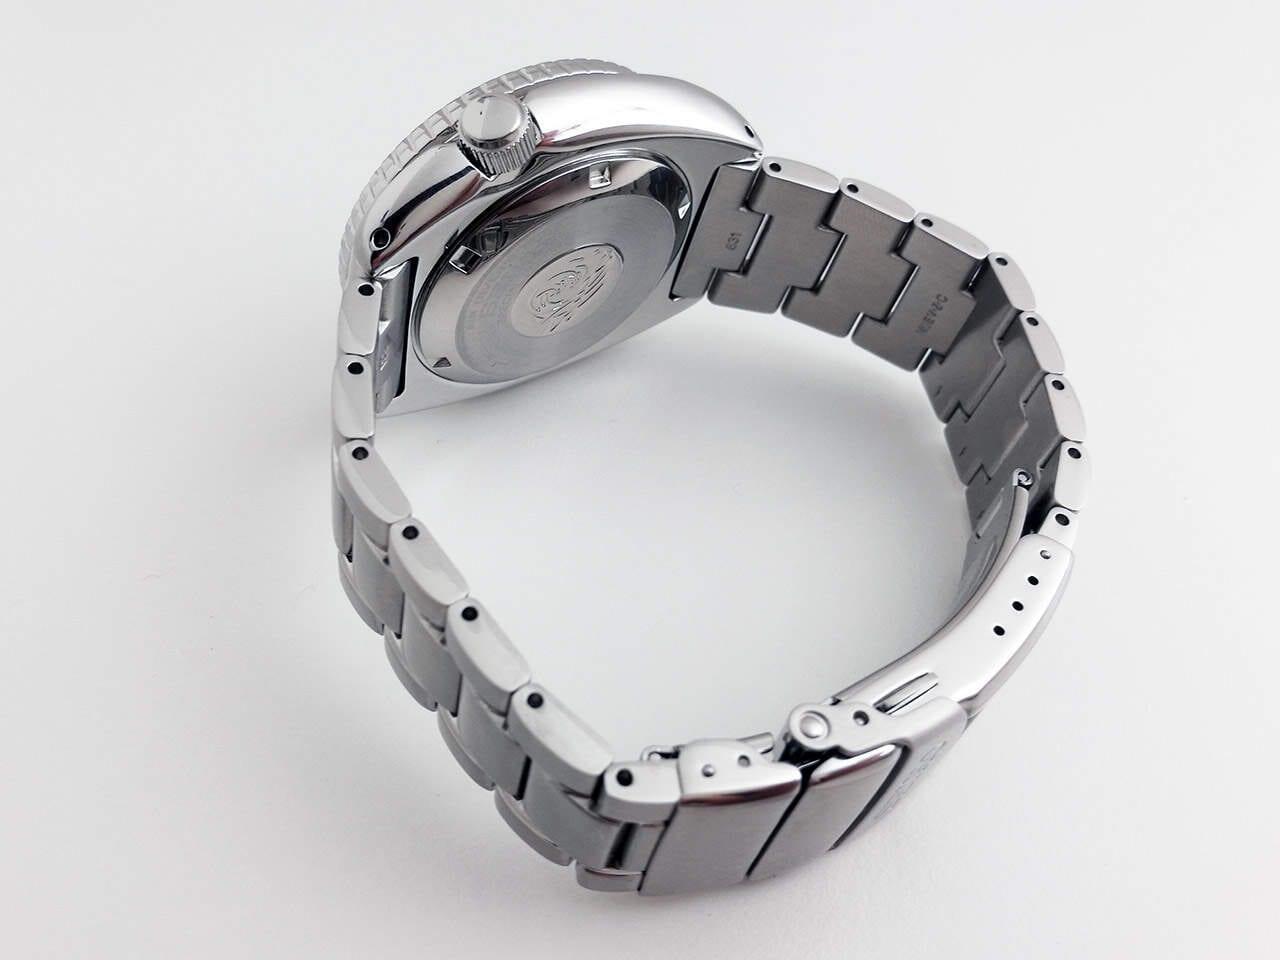 Seiko SRPA21K1 Prospex PADI Special Edition